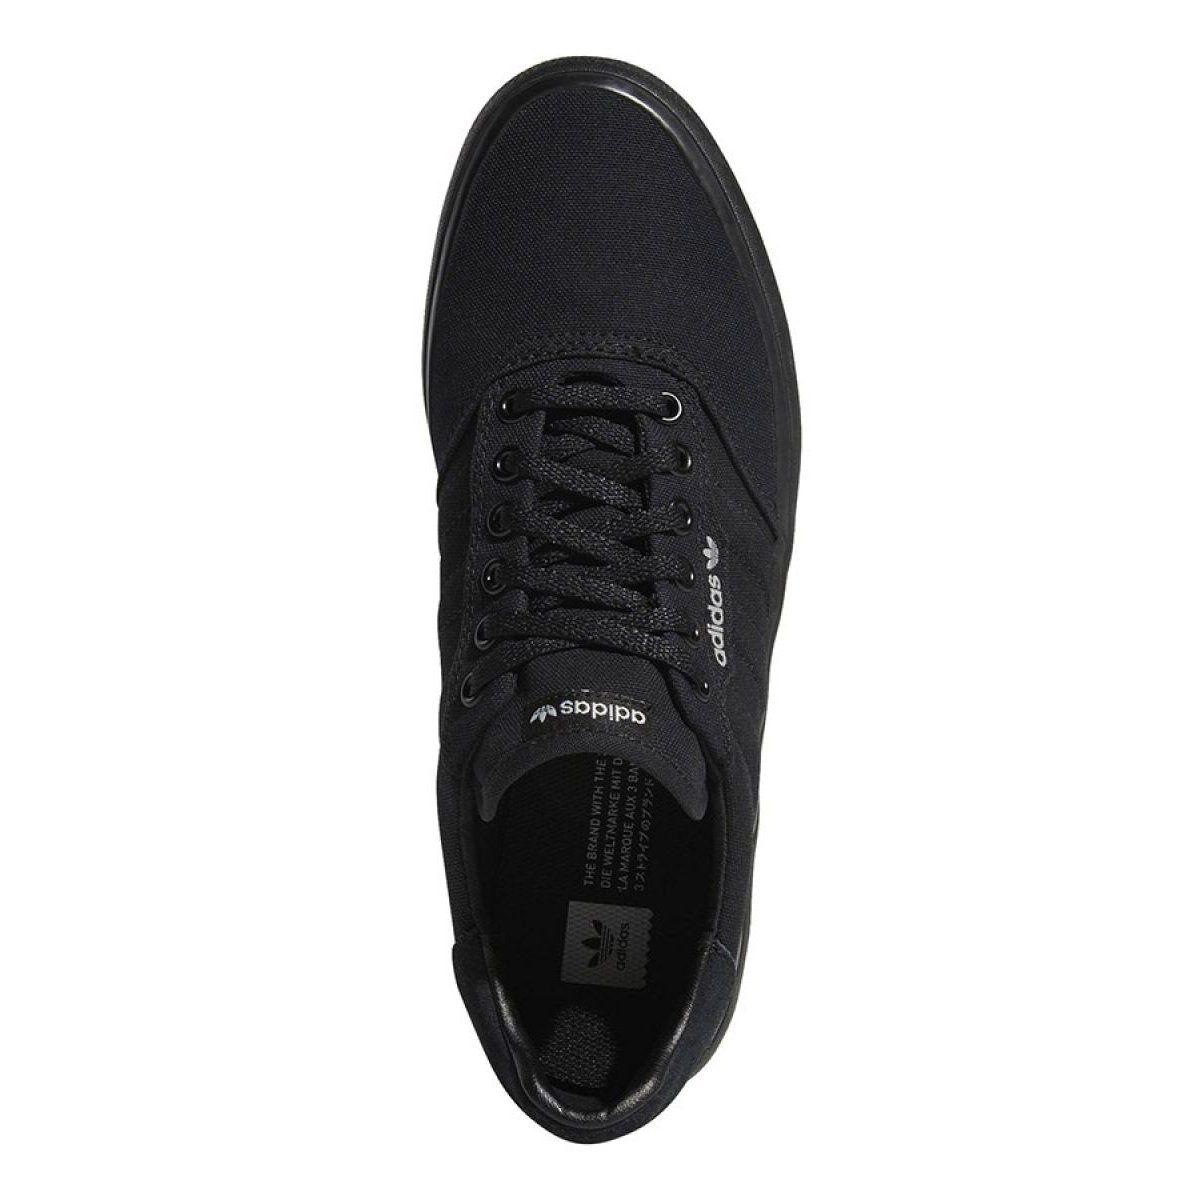 Adidas Originals 3mc M B22713 Shoes Black Adidas Shoes Originals Sports Shoes Adidas Adidas Originals